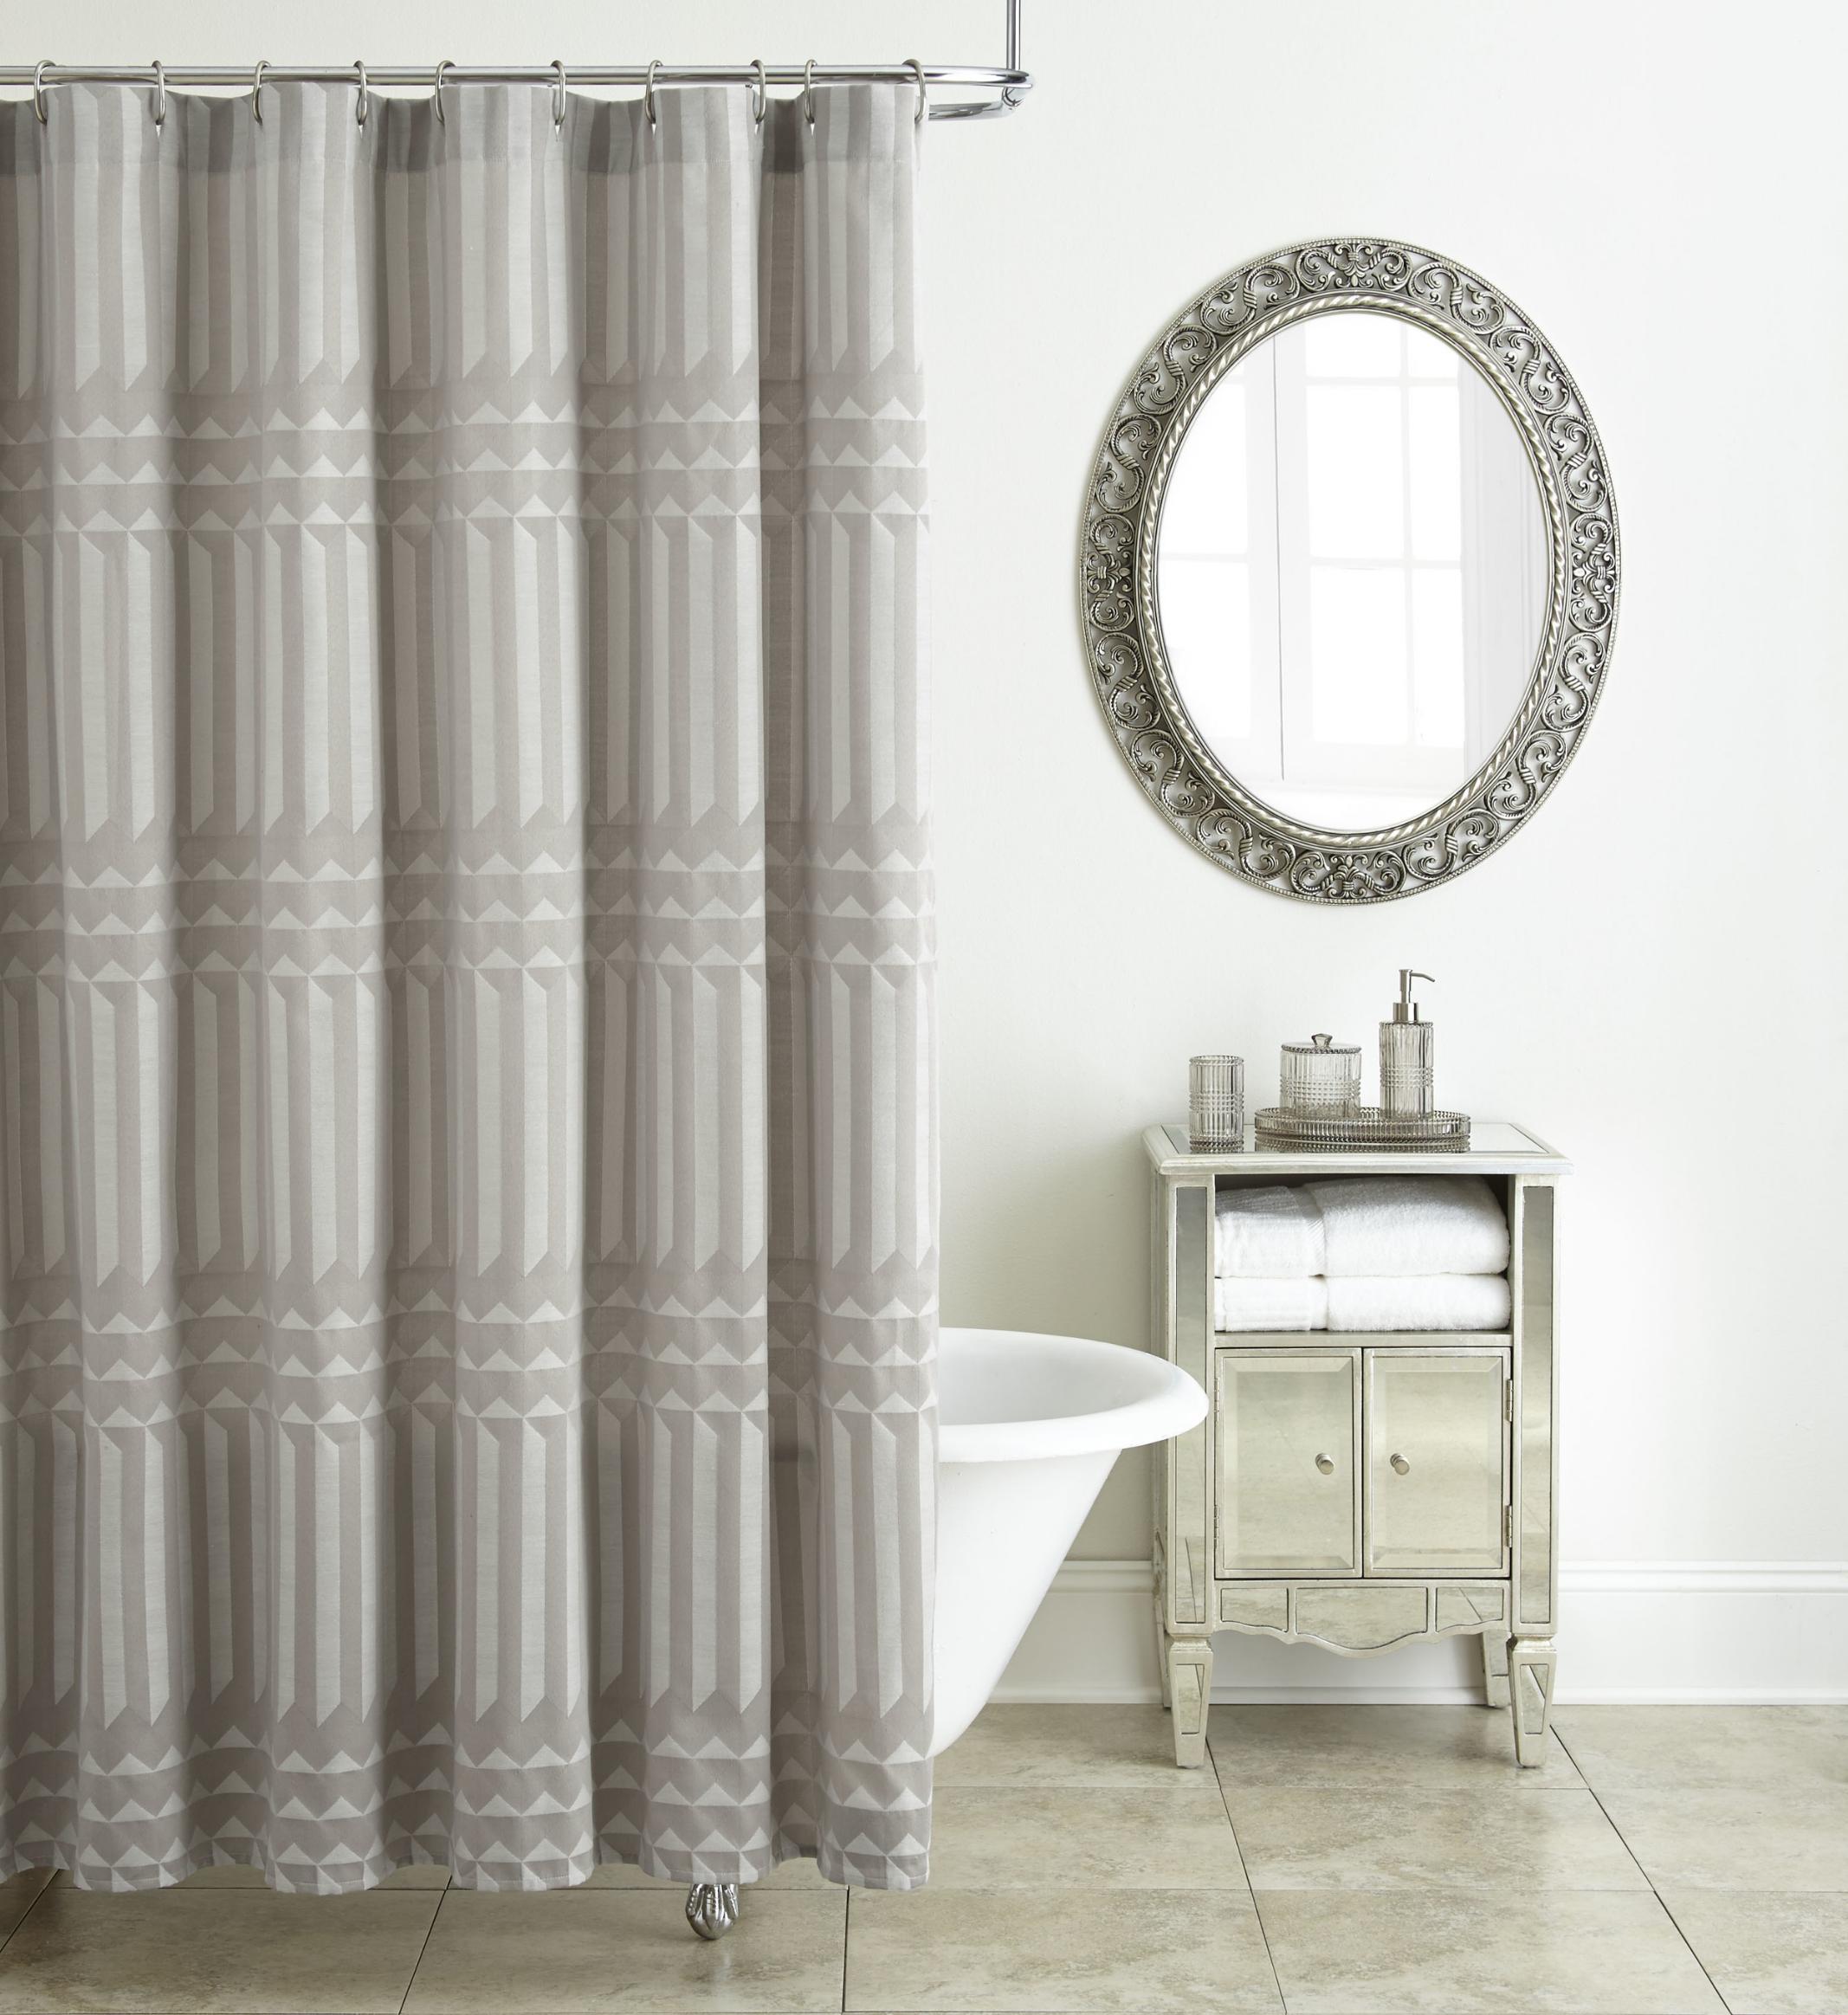 Waterford Diamond Shower Curtain & Bath Ensemble